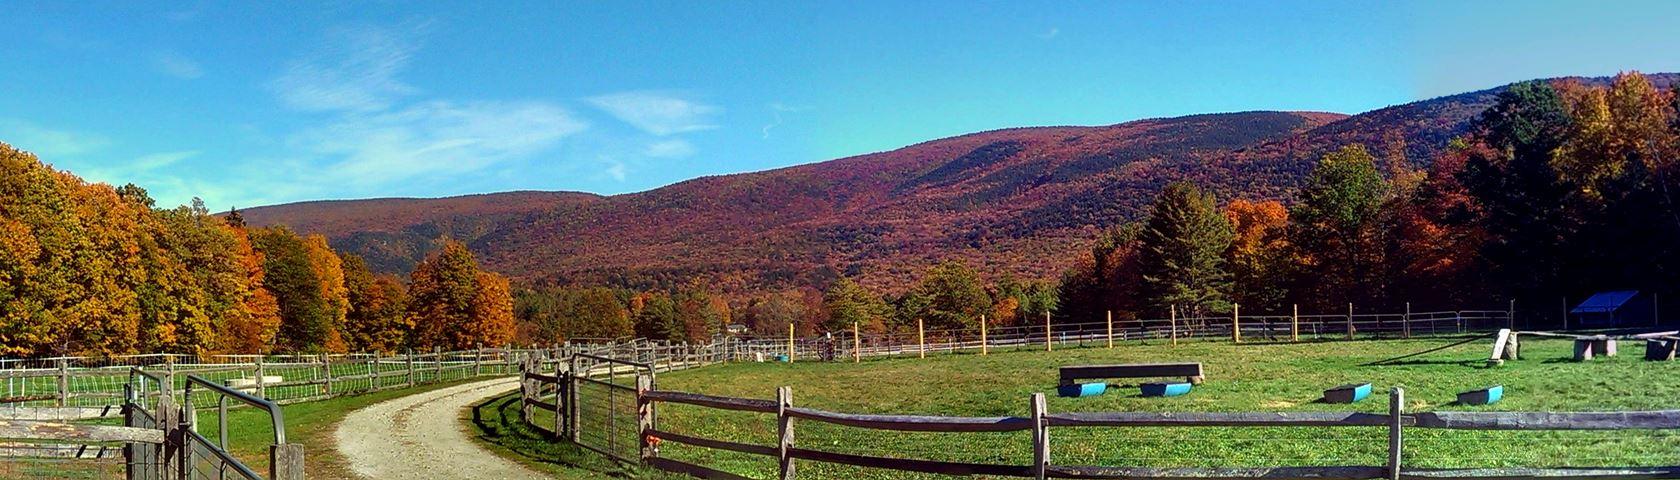 Autumn Pasture at Hildene